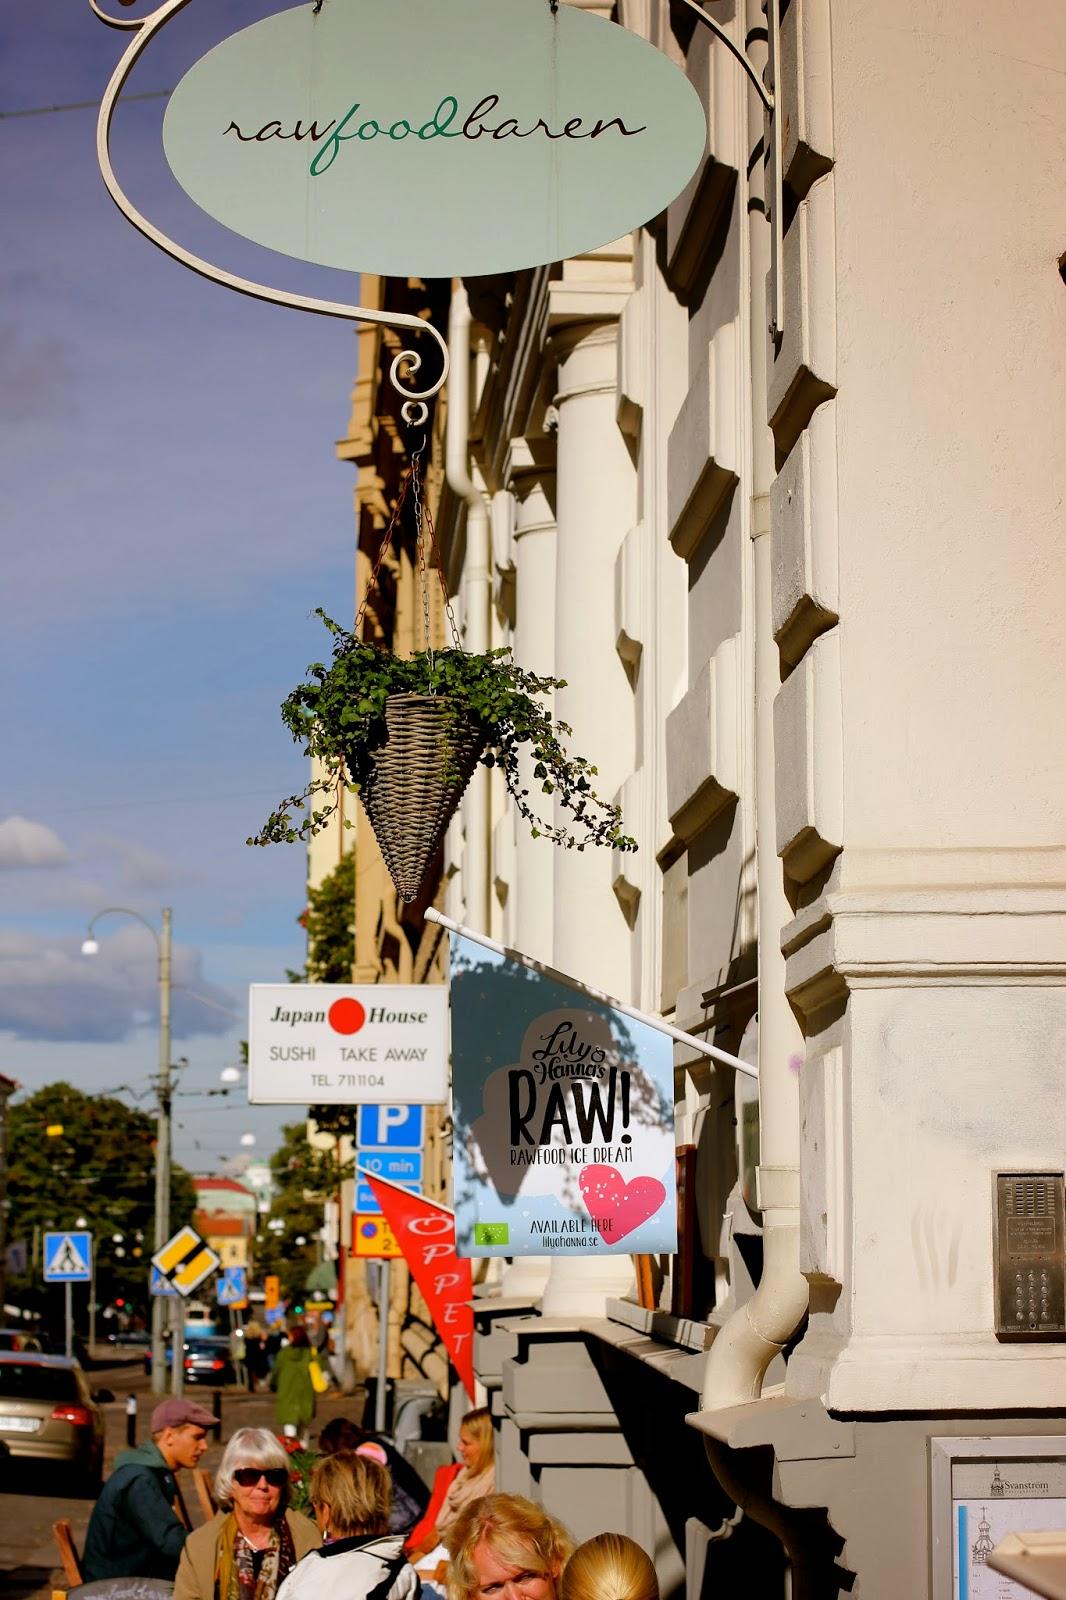 raw food cafe göteborg